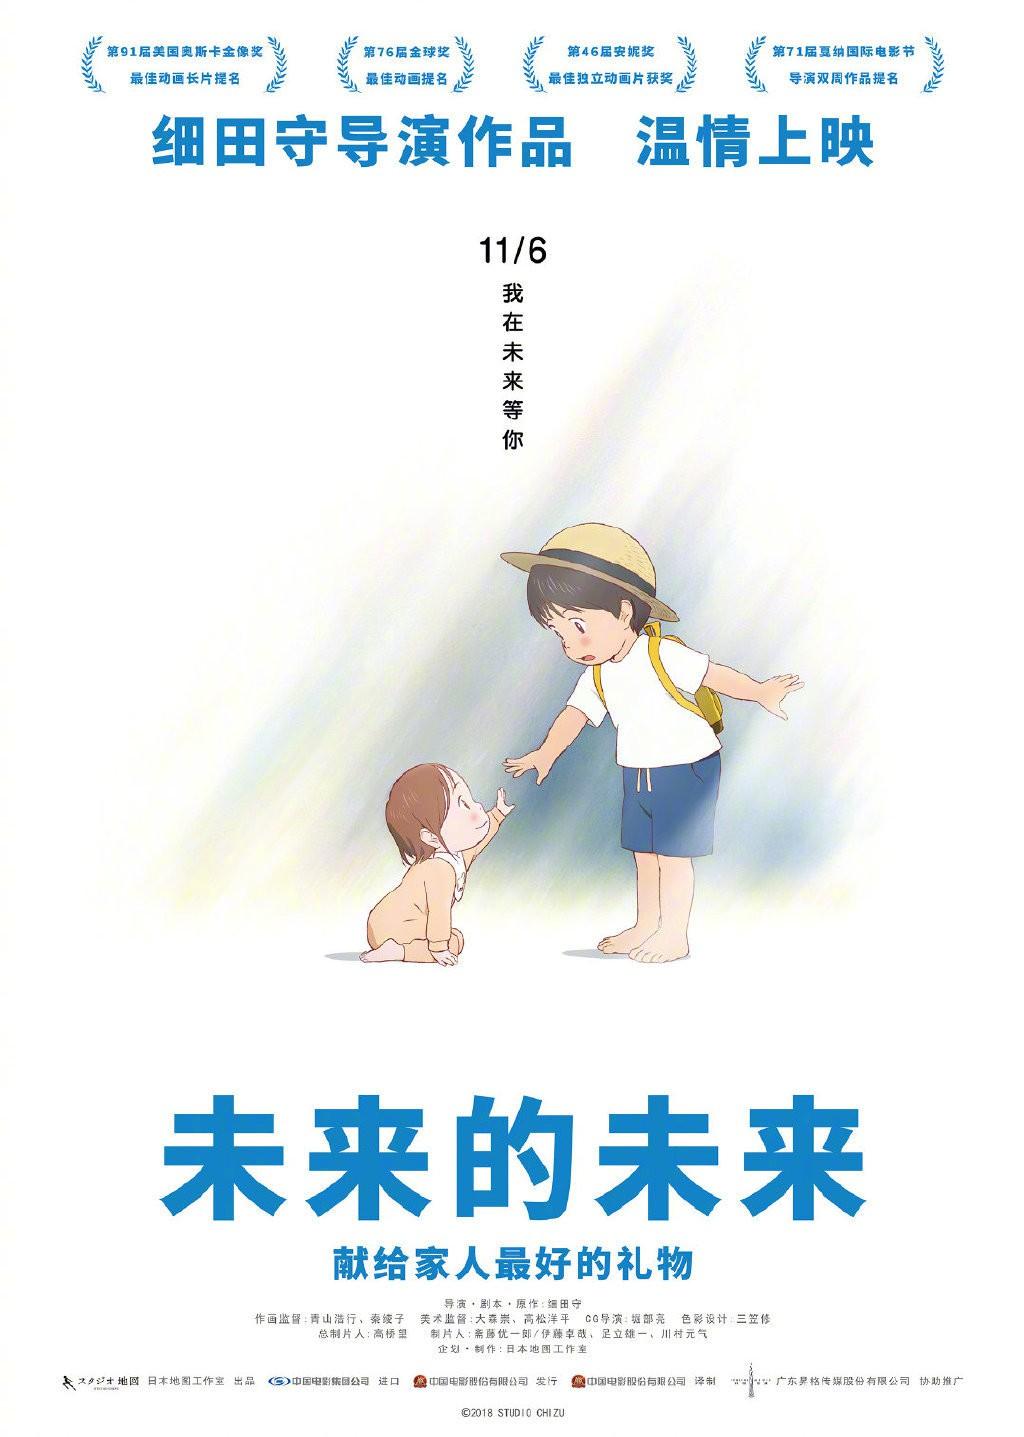 细田守动画电影《未来的未来》定档预告公开 11月6日国内播出